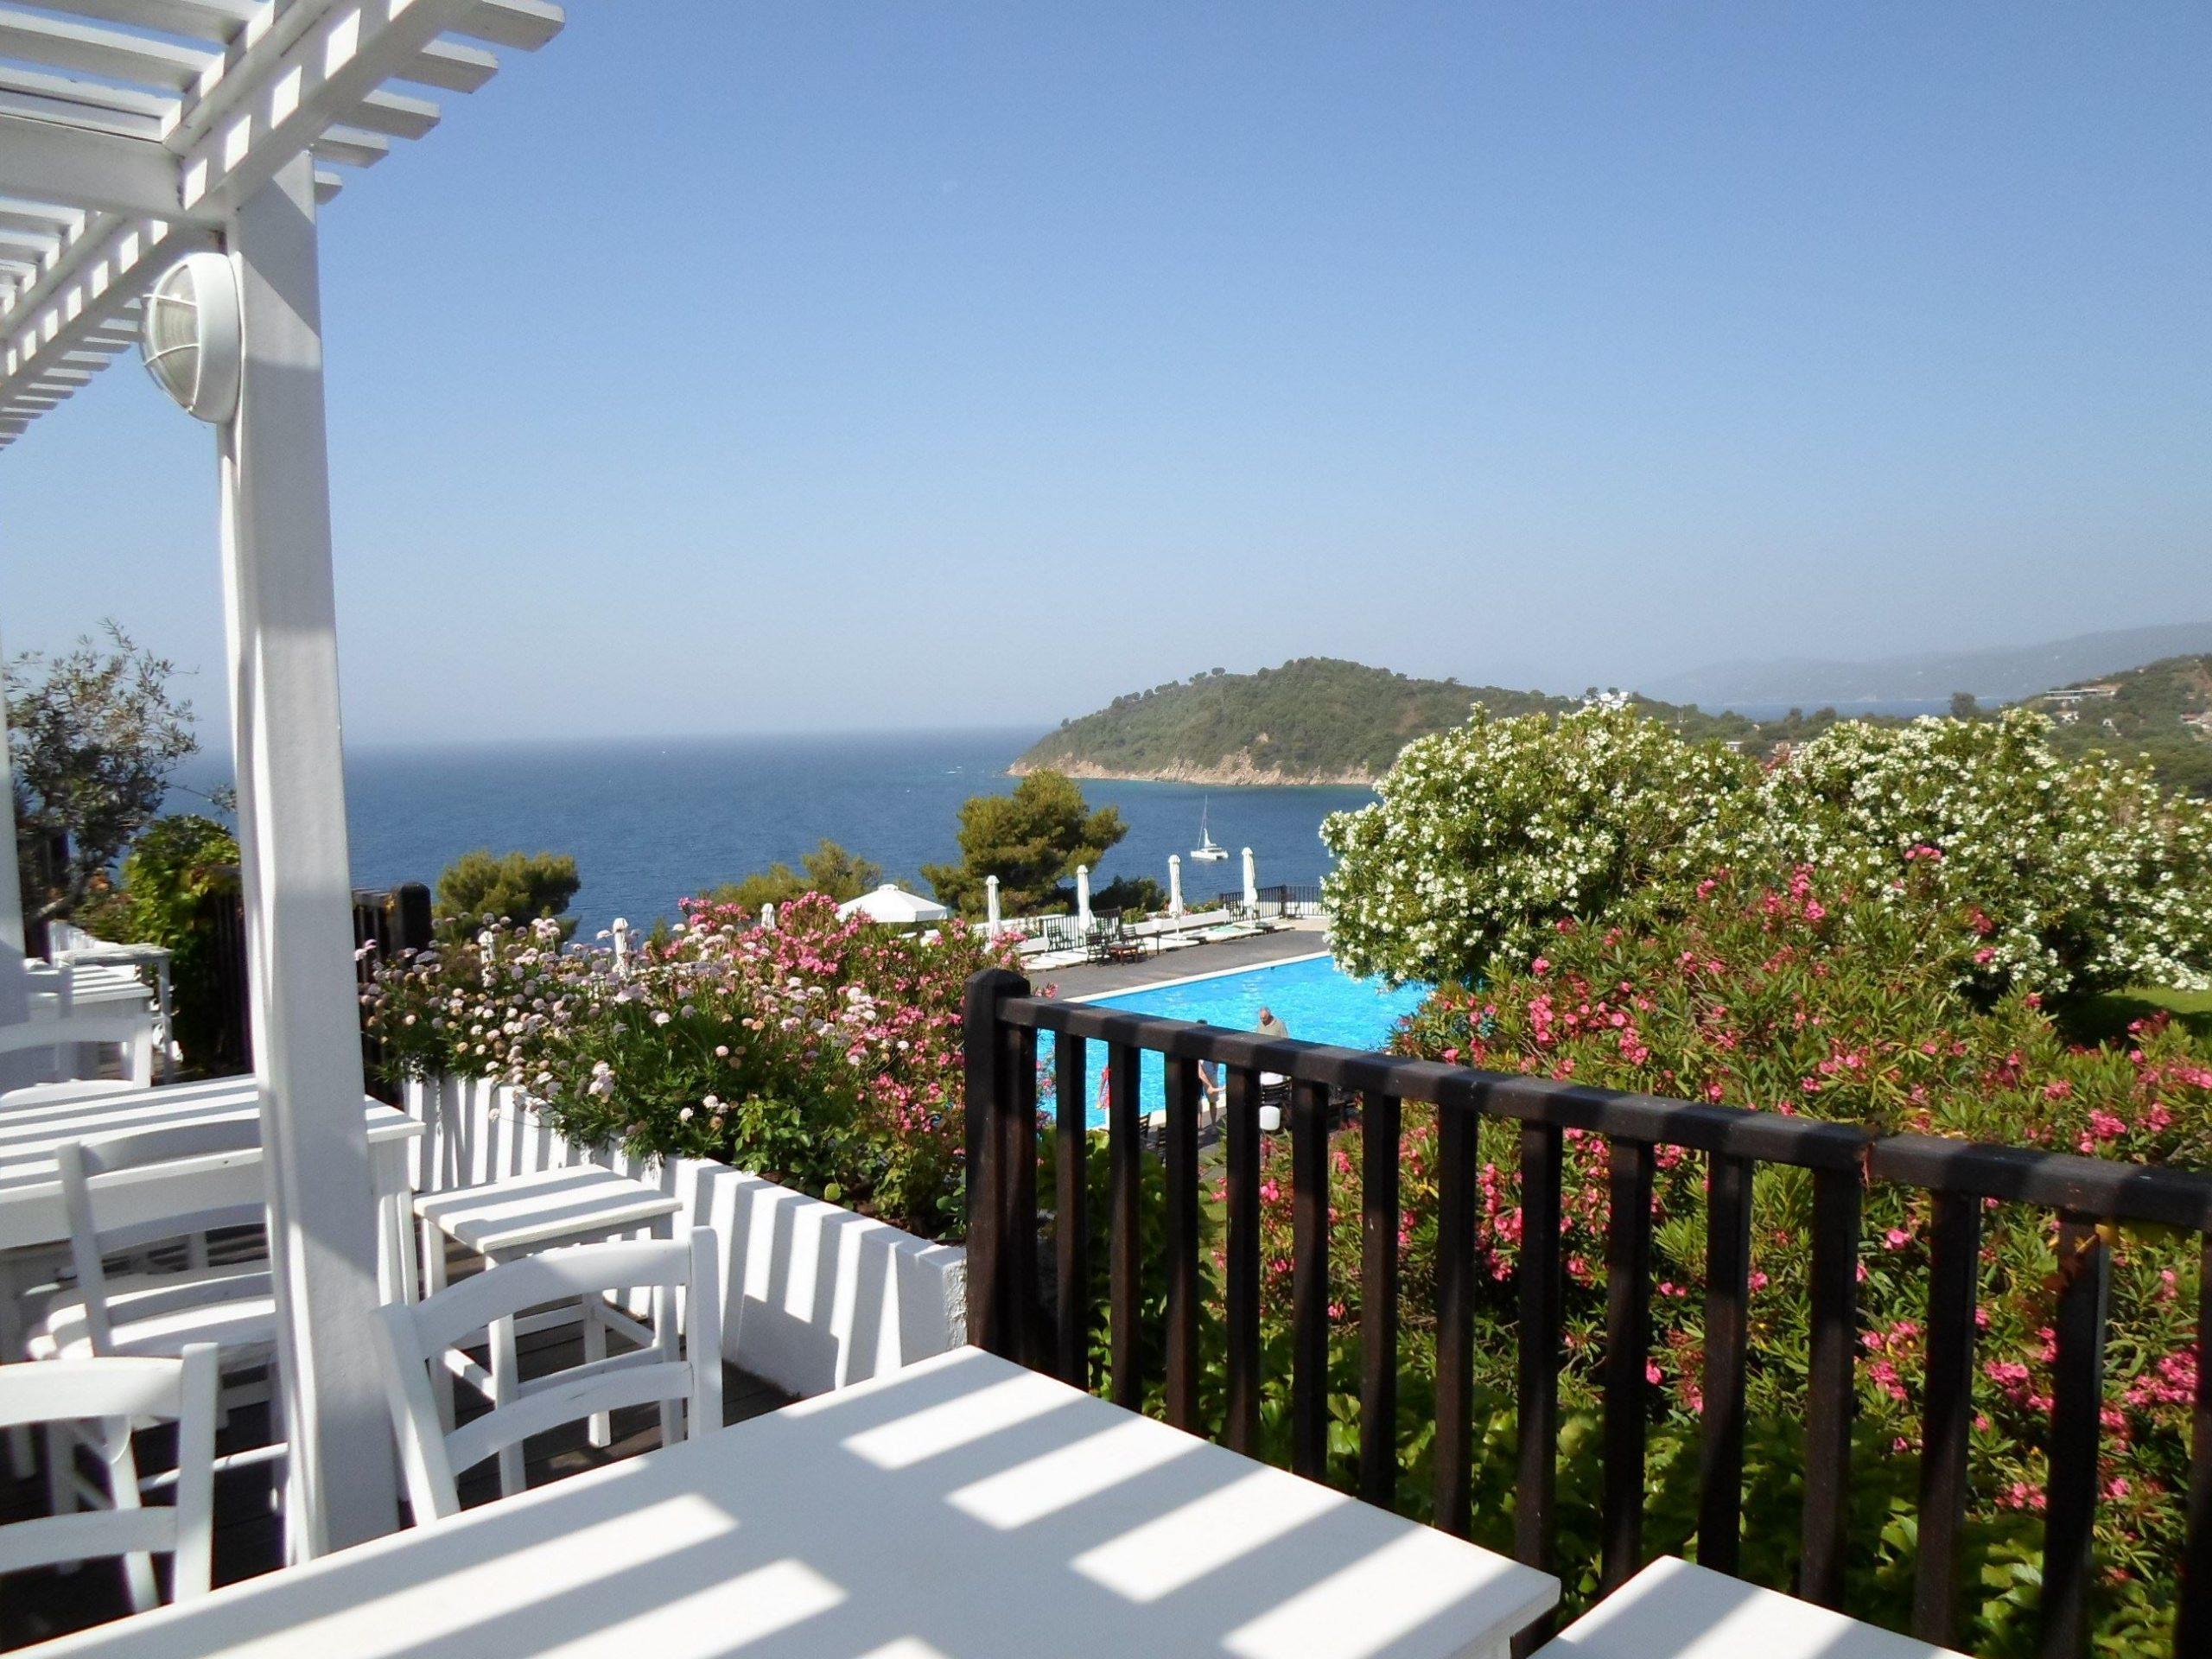 vacanță după Coronaviurs: Insula Skiathos